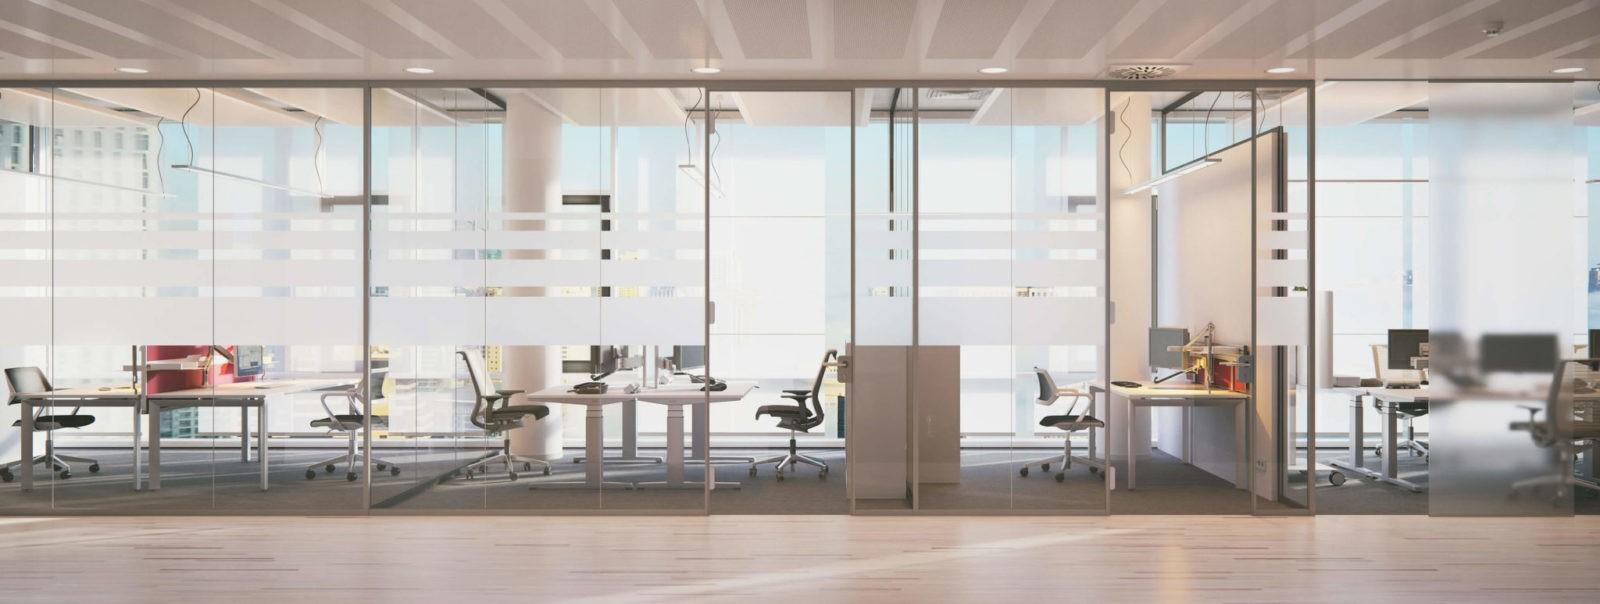 Glasfolierung.at - Sichtschutzfolien für Büros